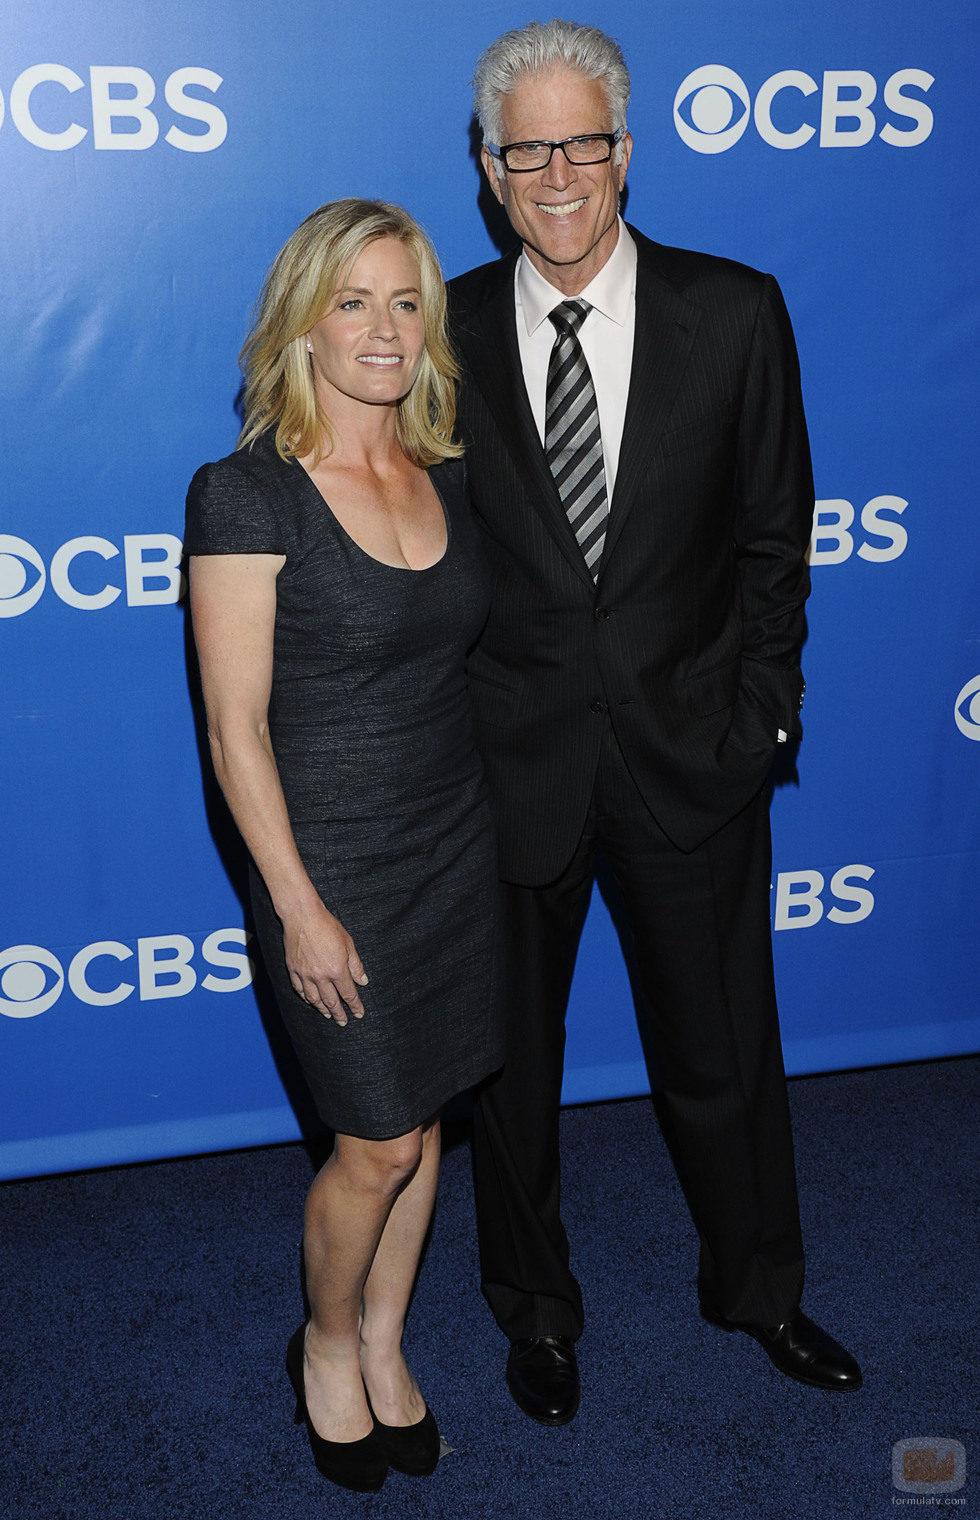 Elisabeth Shue y Ted Danson de 'CSI' en los Upfronts 2012 de CBS